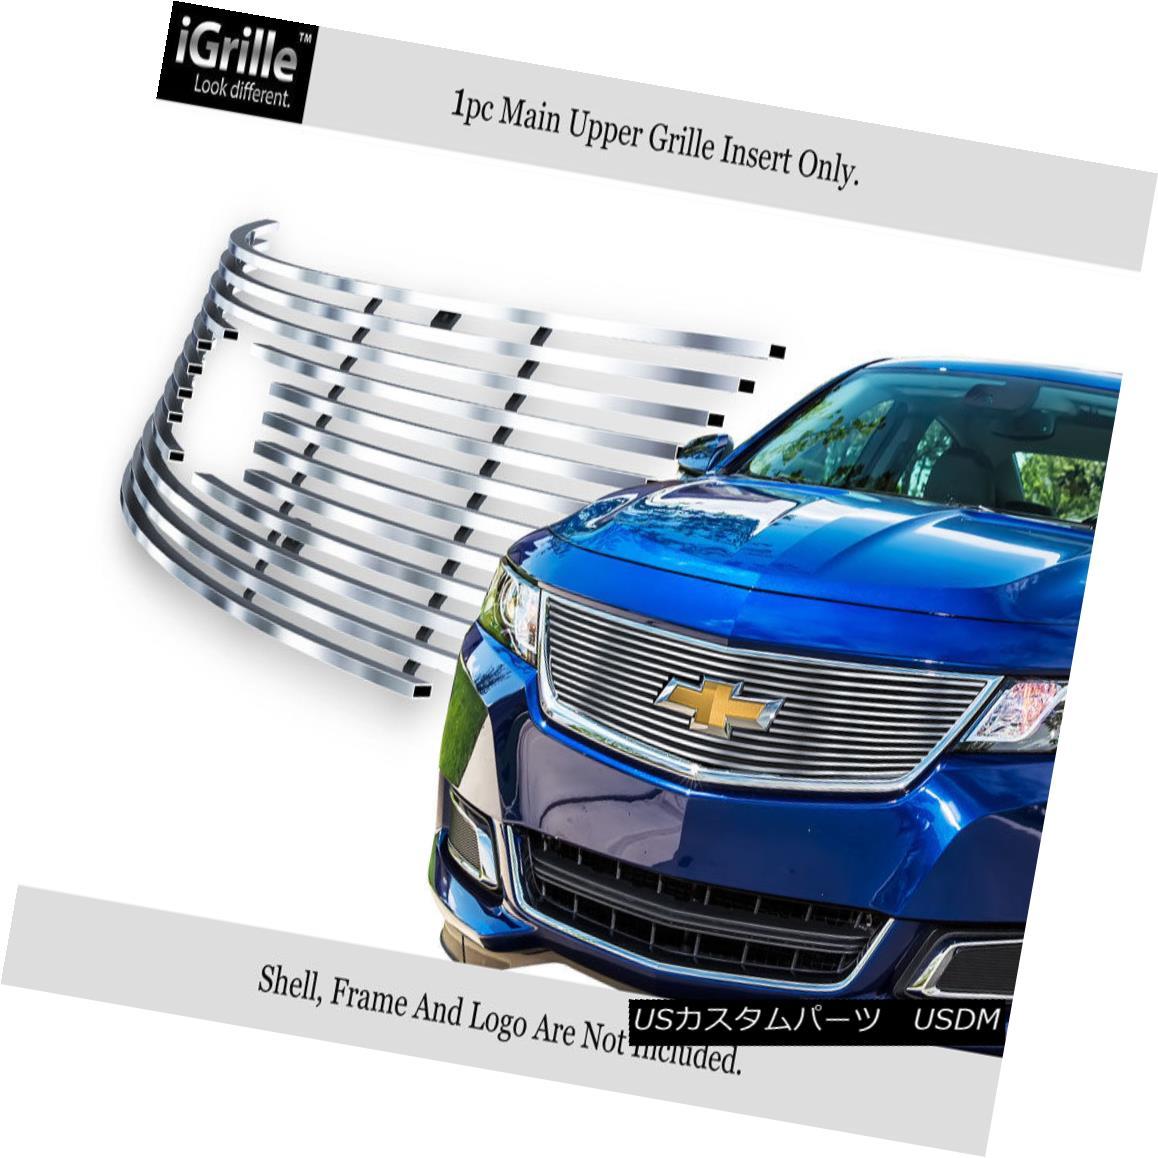 グリル For 2014-2018 Chevy Impala Logo Show Stainless Steel Upper Billet Grille 2014-2018シボレーインパラロゴショーのためのステンレス鋼アッパービレットグリル